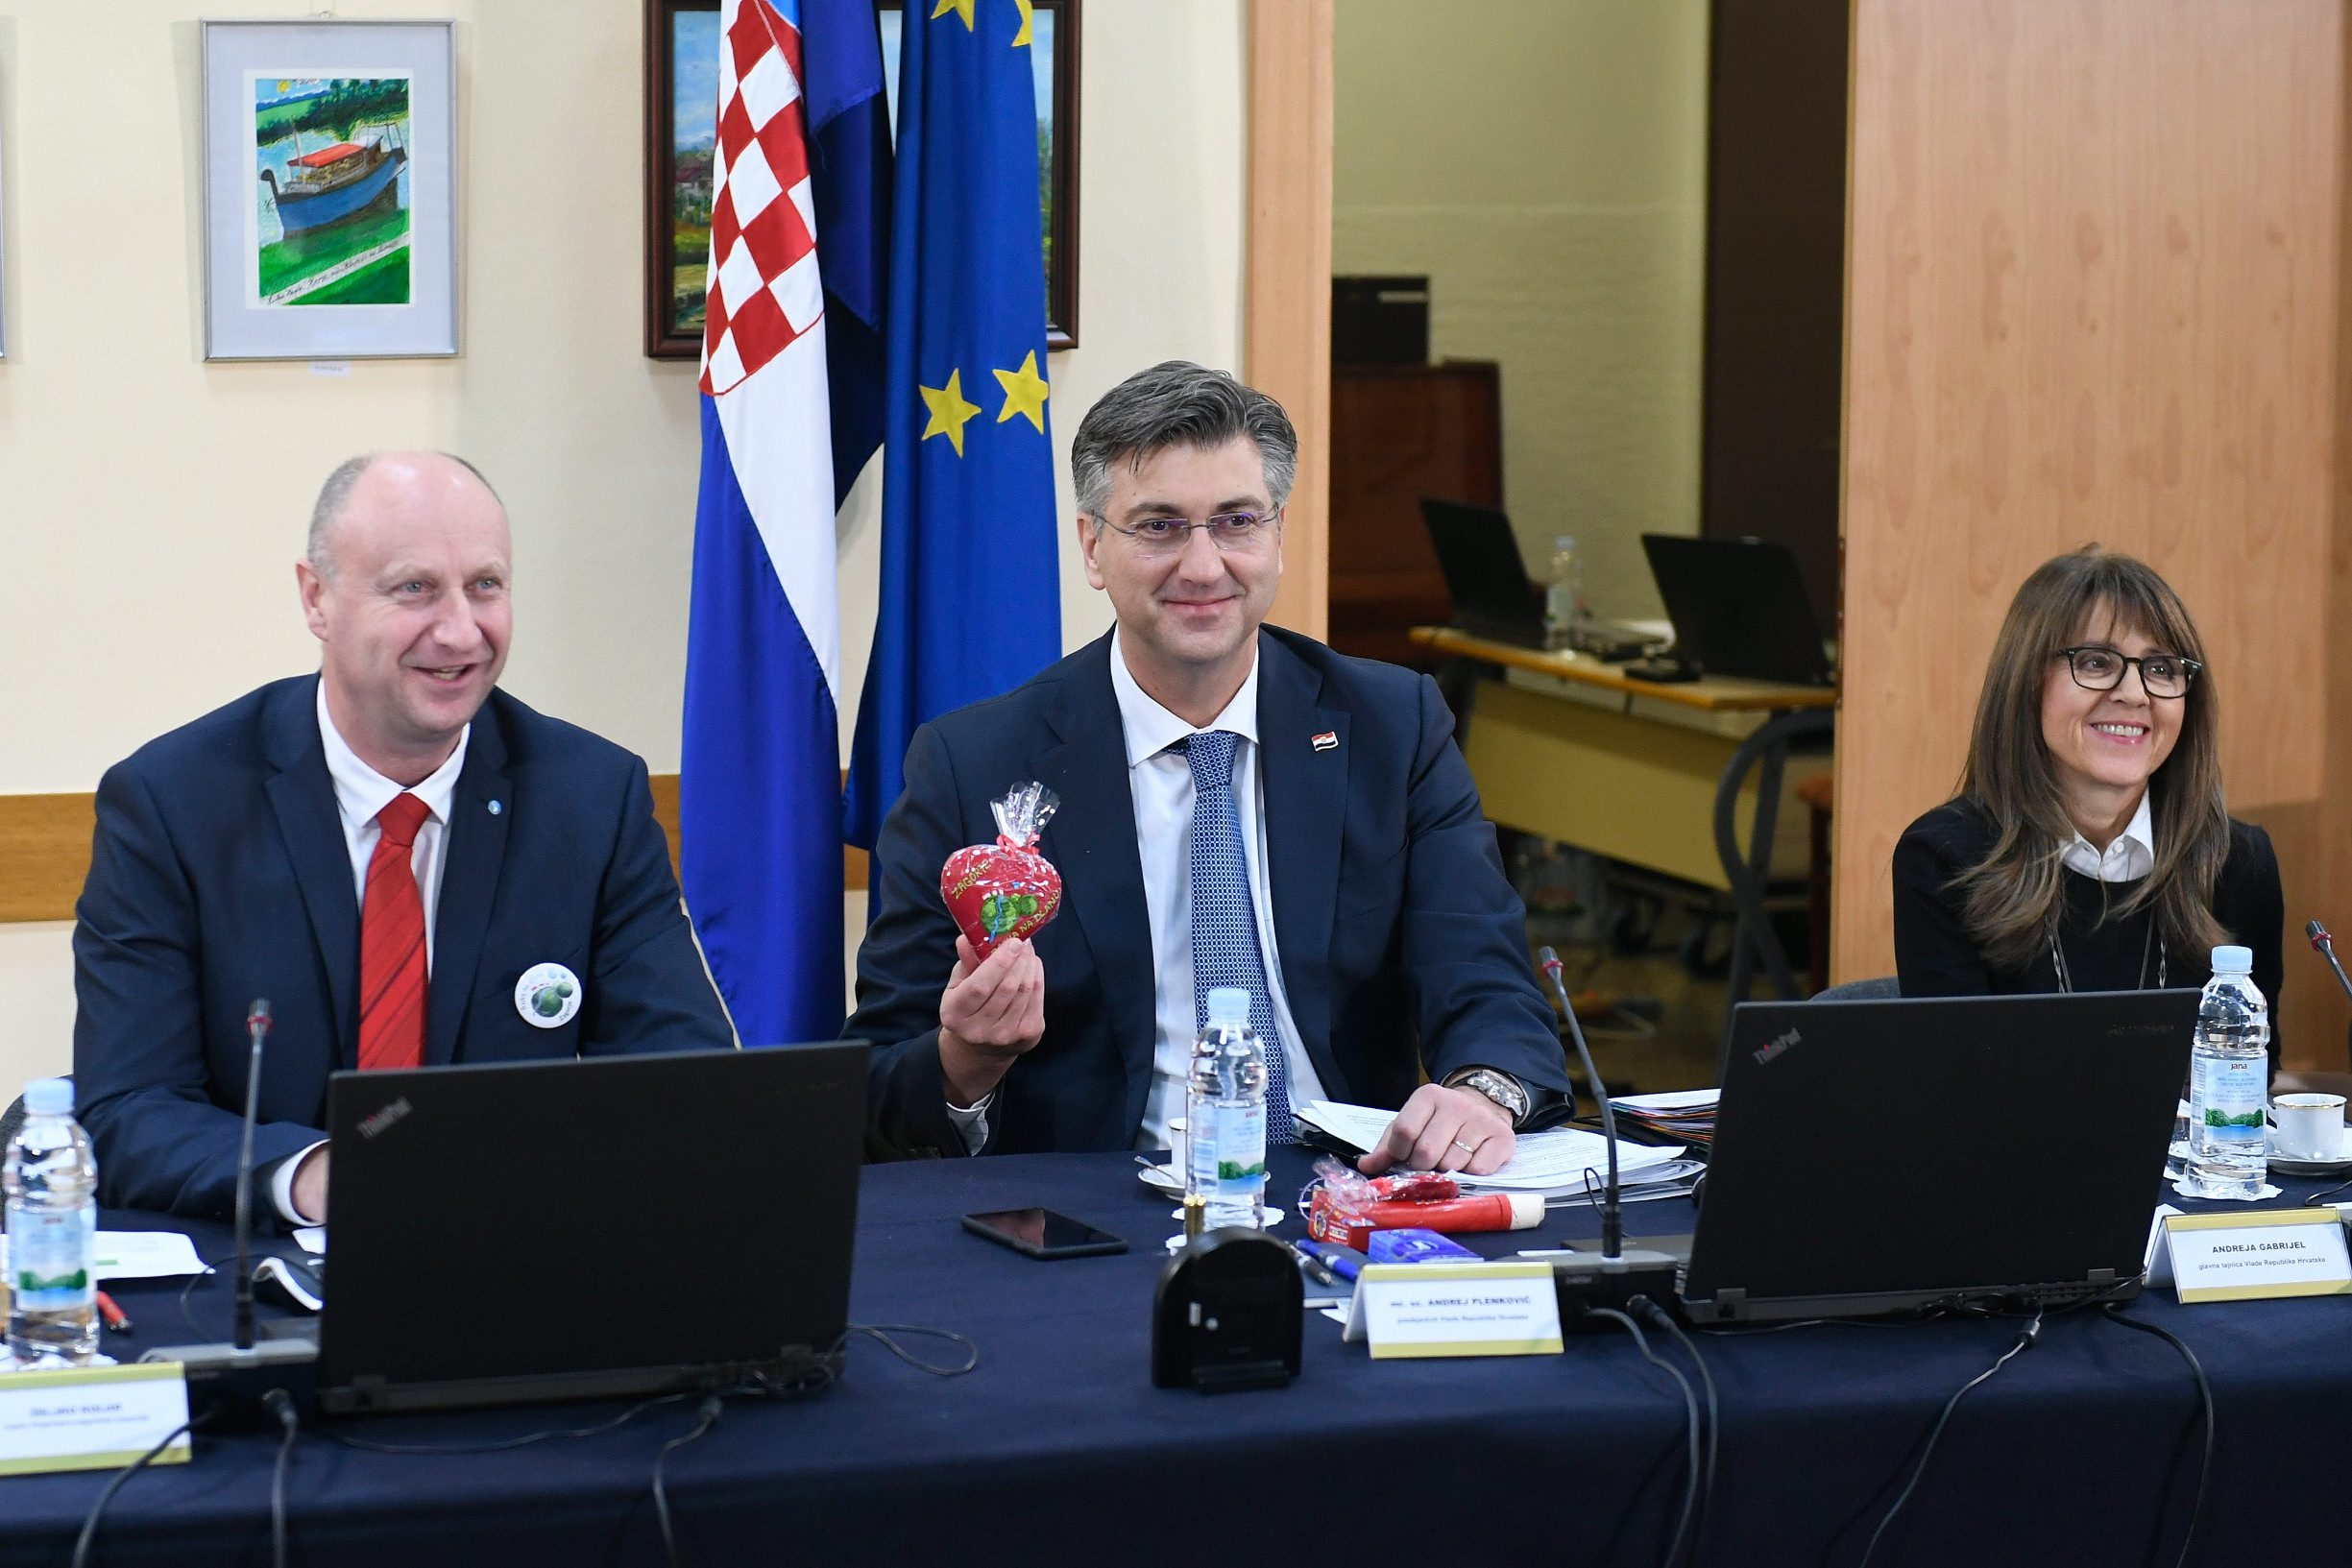 Željko Kolar, Andrej Plenković